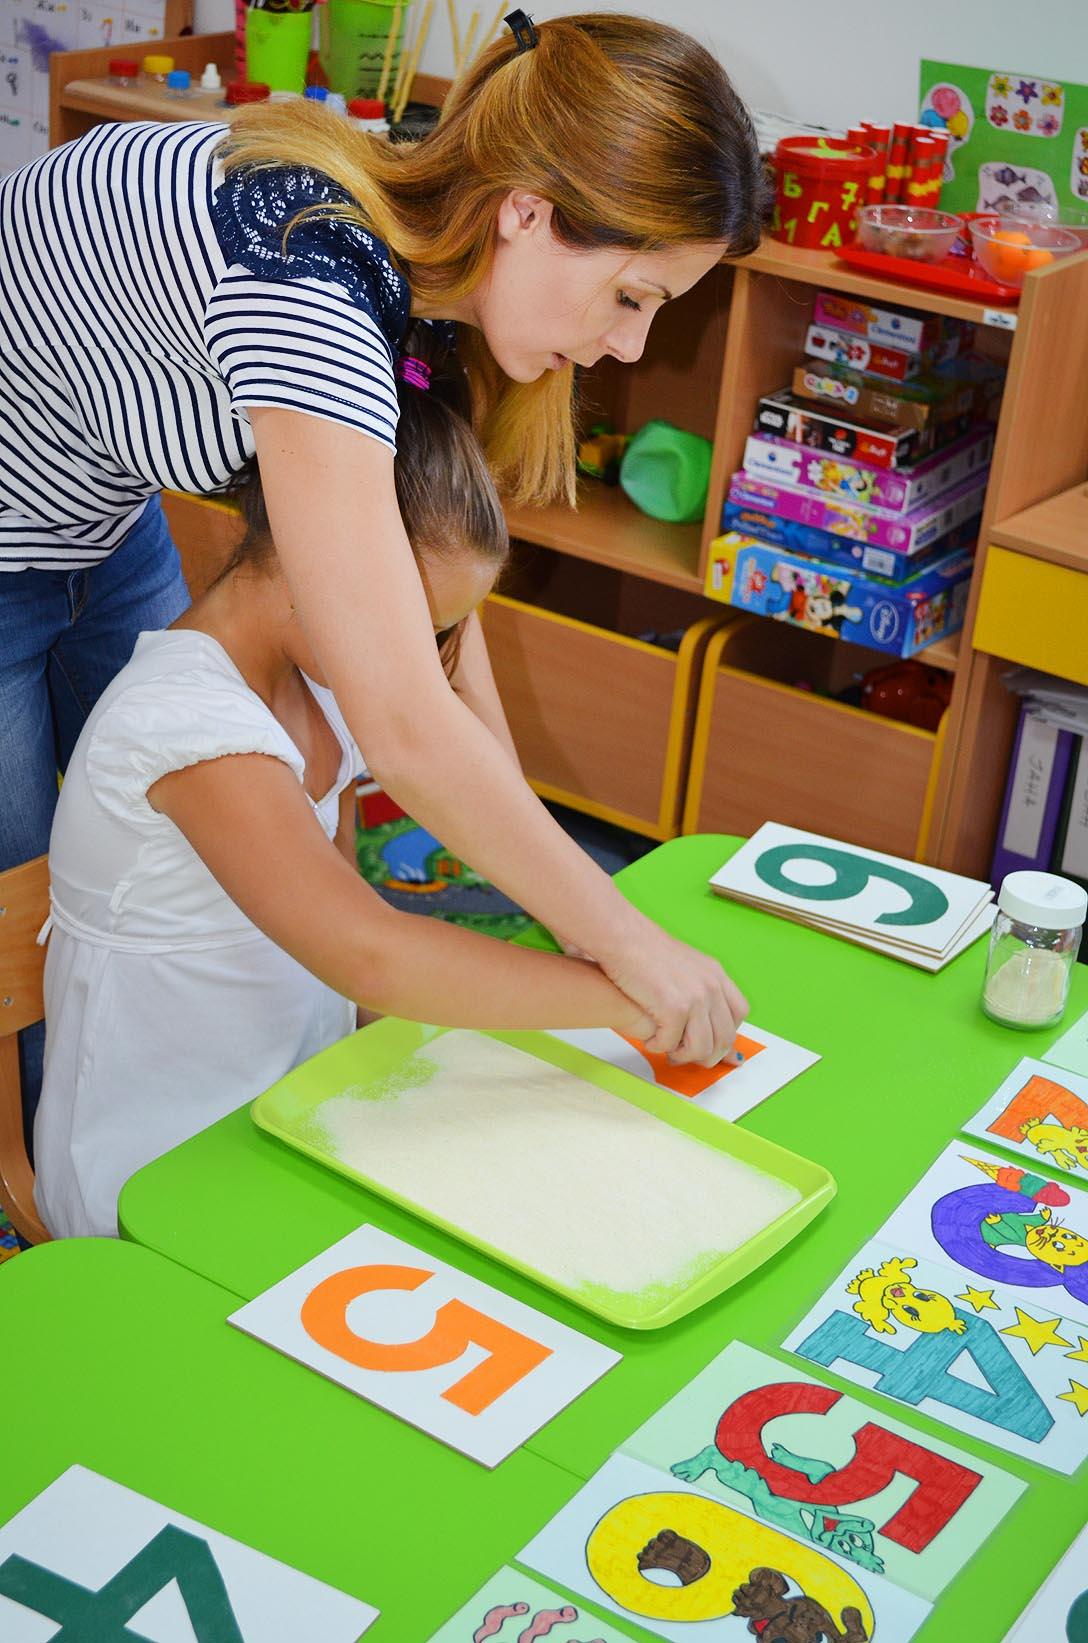 ENGLESKI JEZIK uz materijale MONTESORI pedagogije (za decu